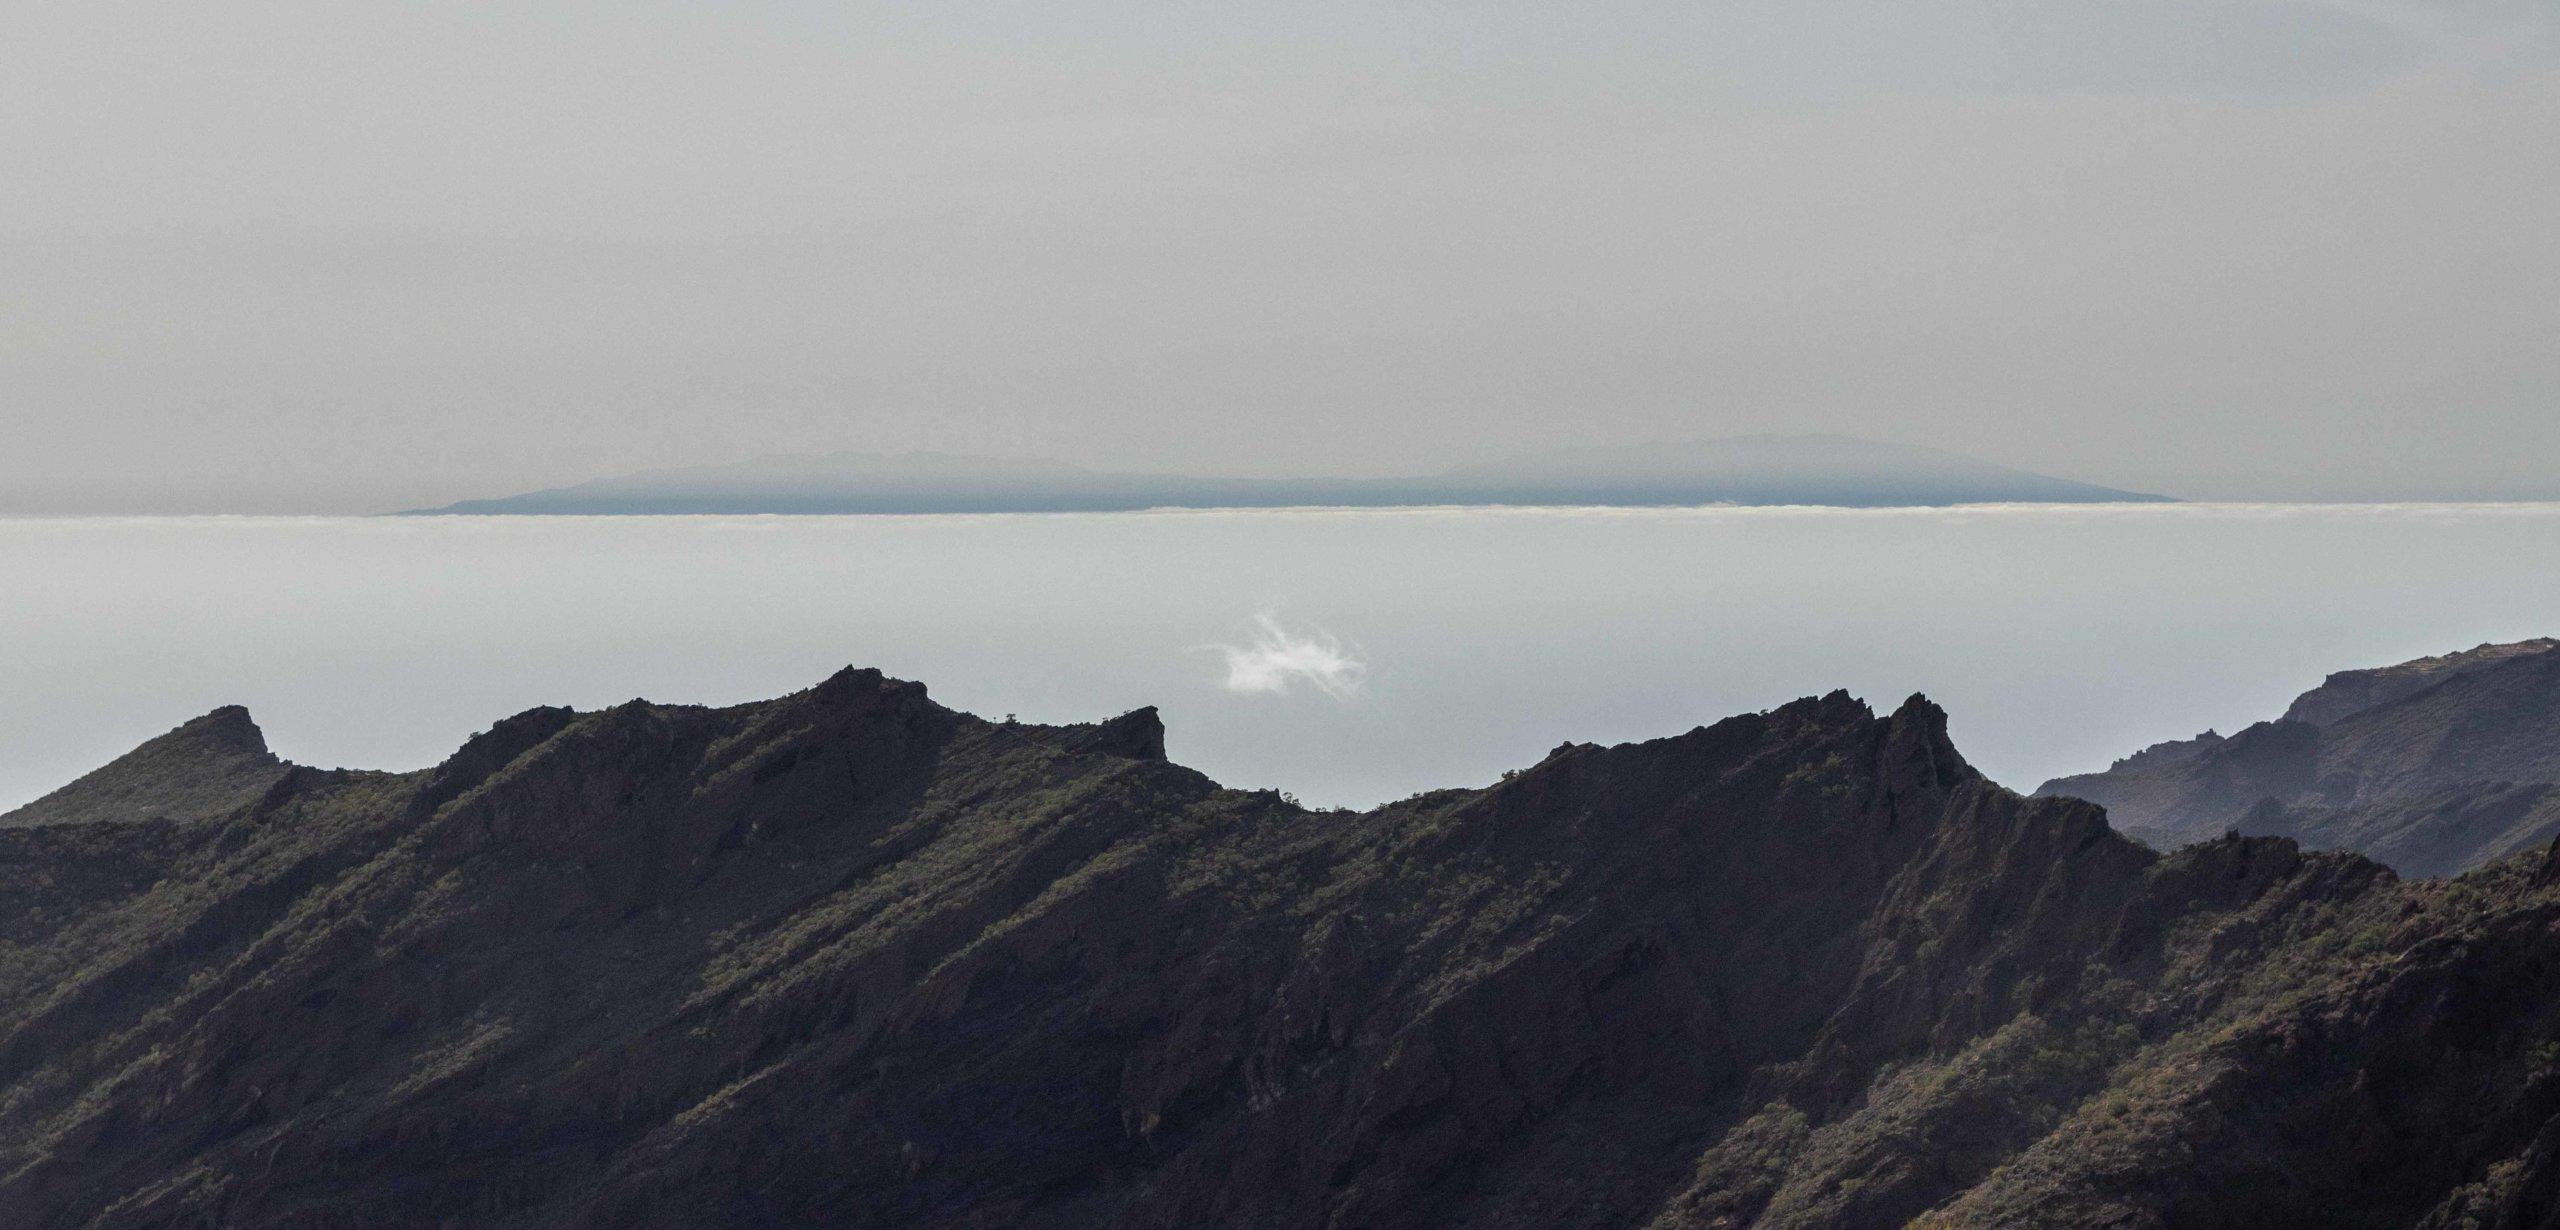 La Palma desde Pico Yeje, Masca